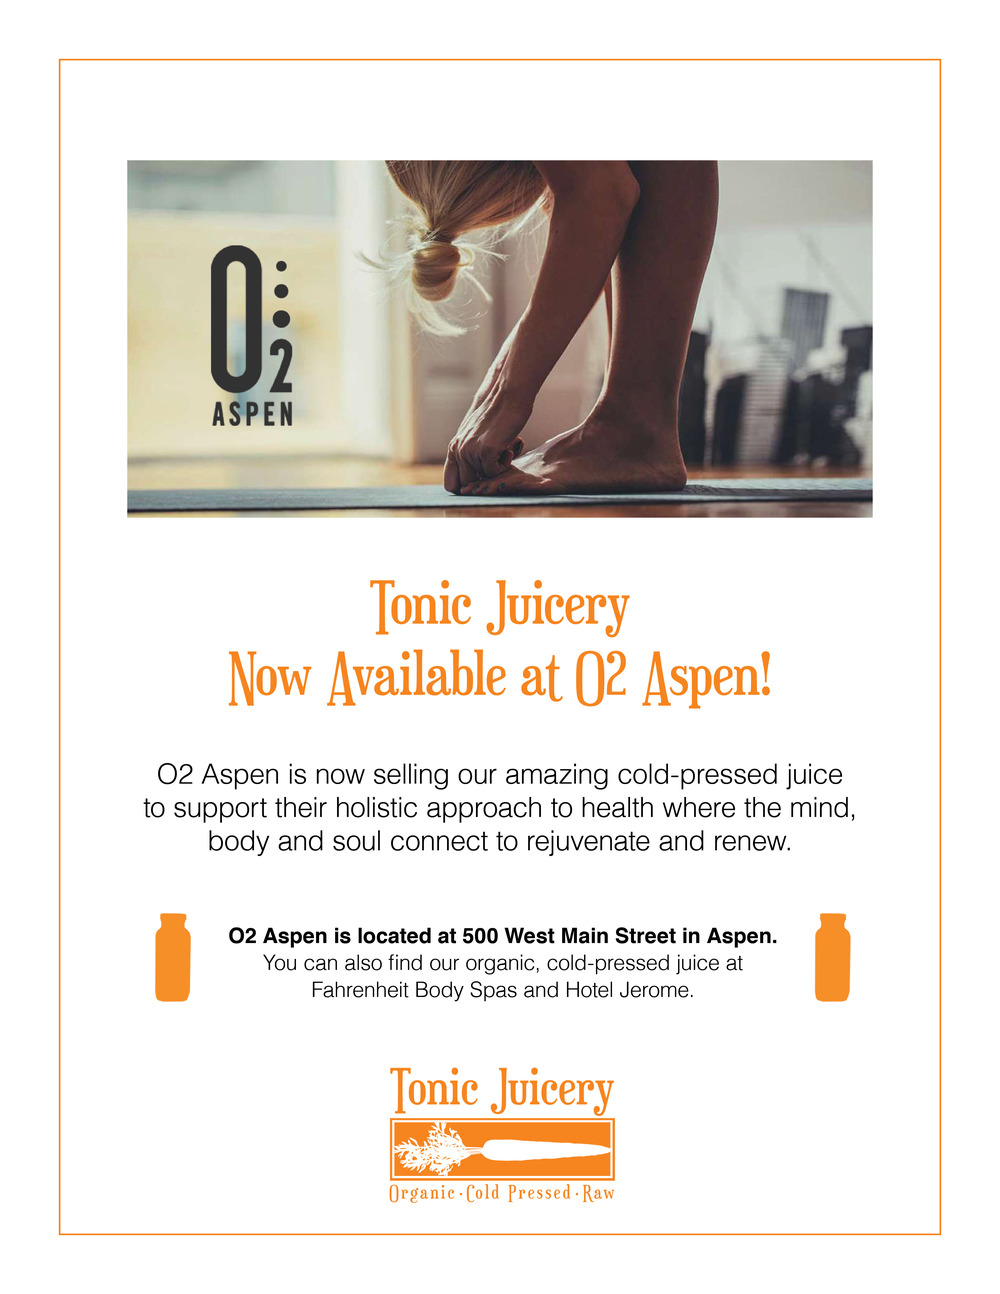 O2-Aspen-Tonic-Juicery-Juice